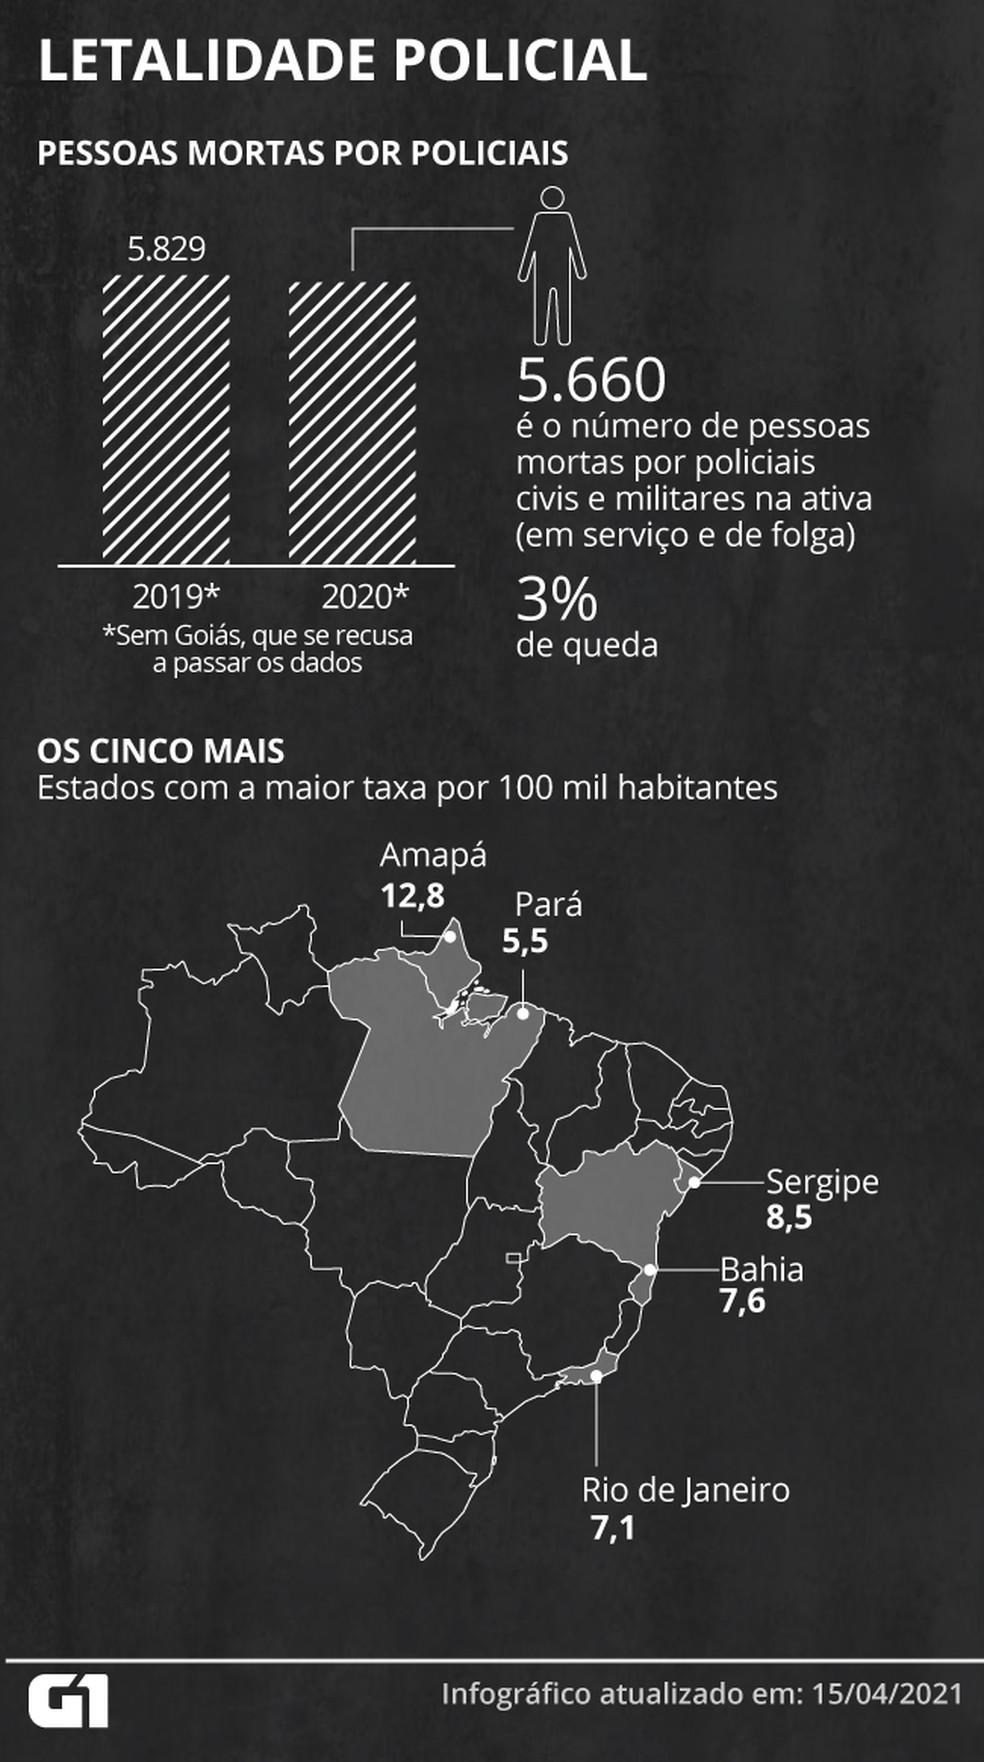 Letalidade policial: número de pessoas mortas pela polícia subiu de 5.829 em 2019 para 5.660 em 2020; queda é de 3% — Foto: Élcio Horiuchi / G1